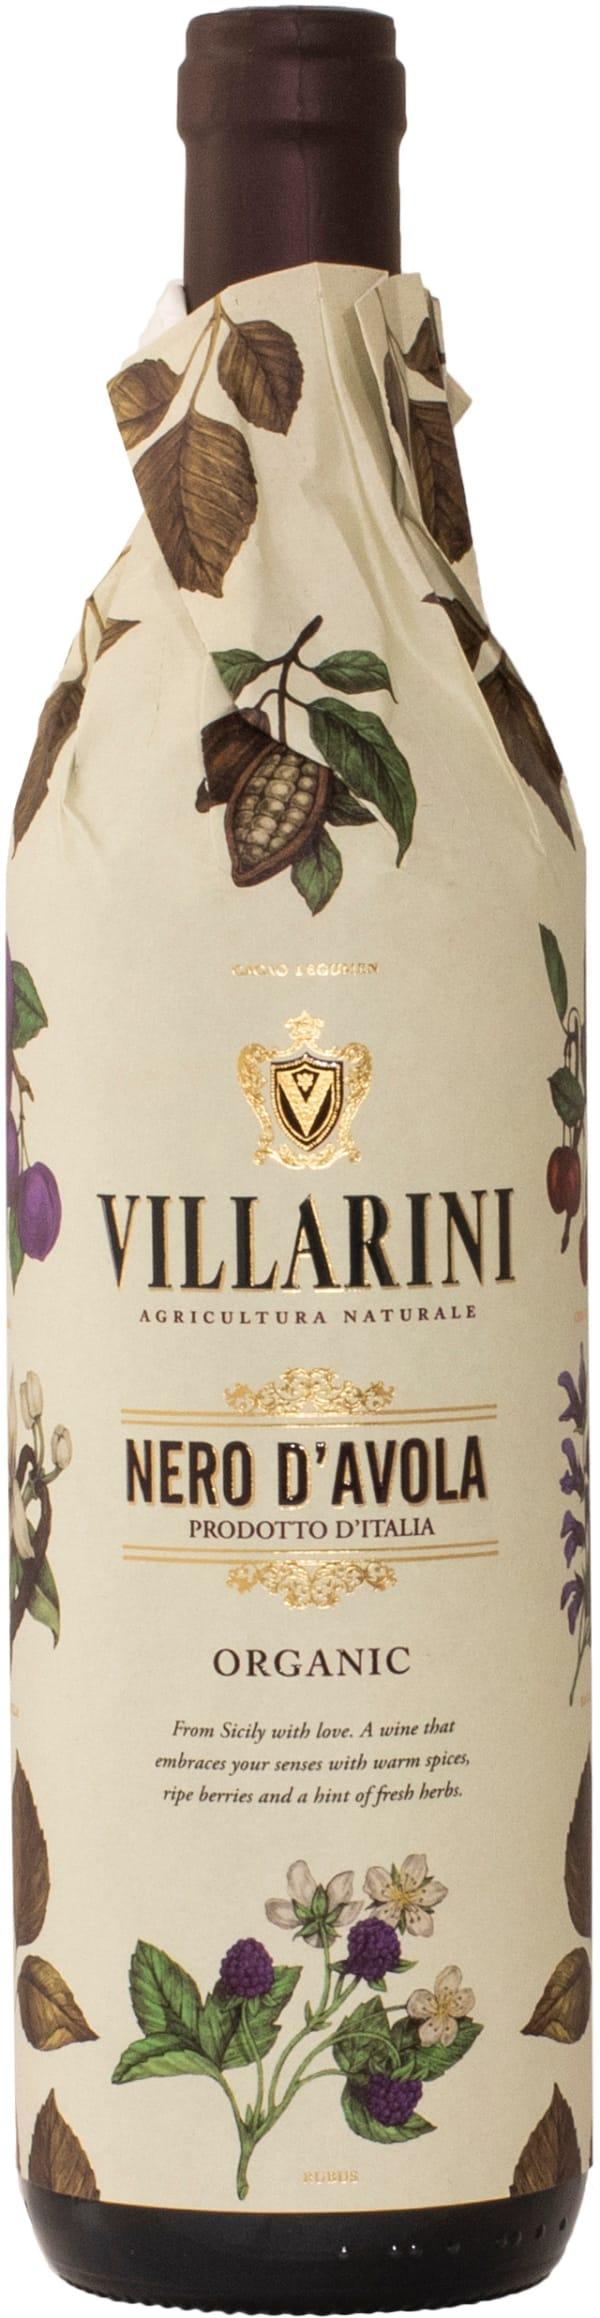 Villarini Nero d'Avola Organic 2019